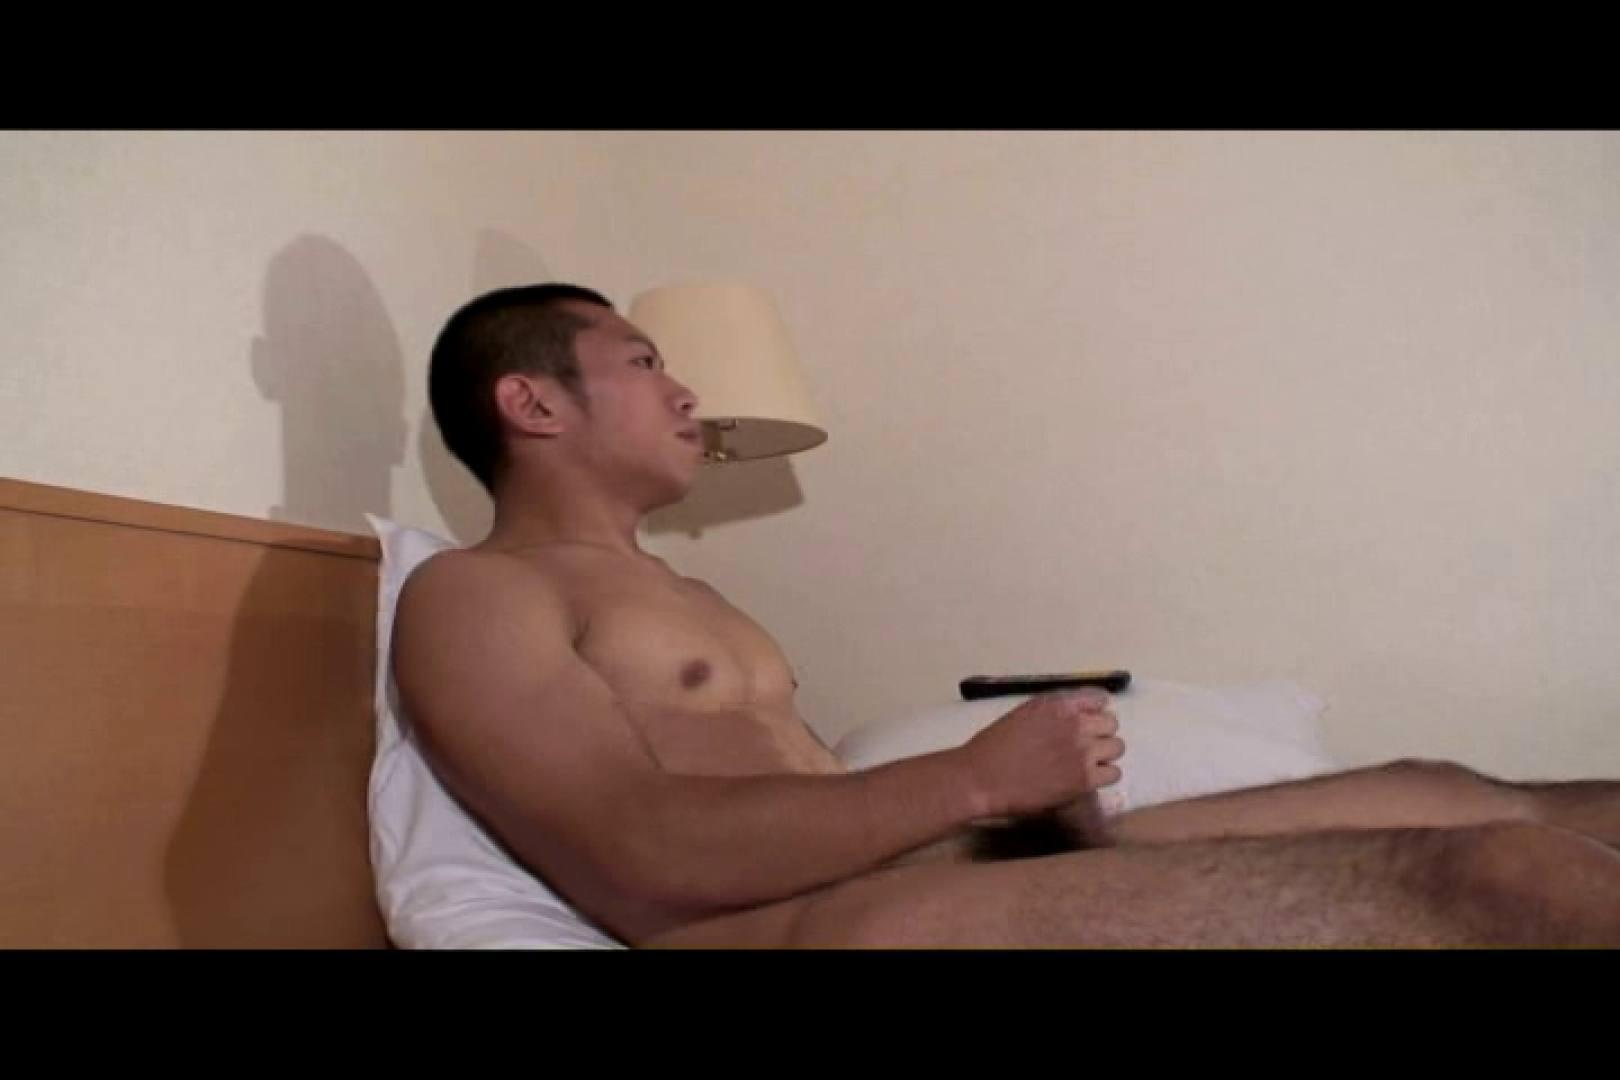 Bistro「イケメン」~Mokkori和風仕立て~vol.04 スポーツマン ゲイ無修正ビデオ画像 62画像 44